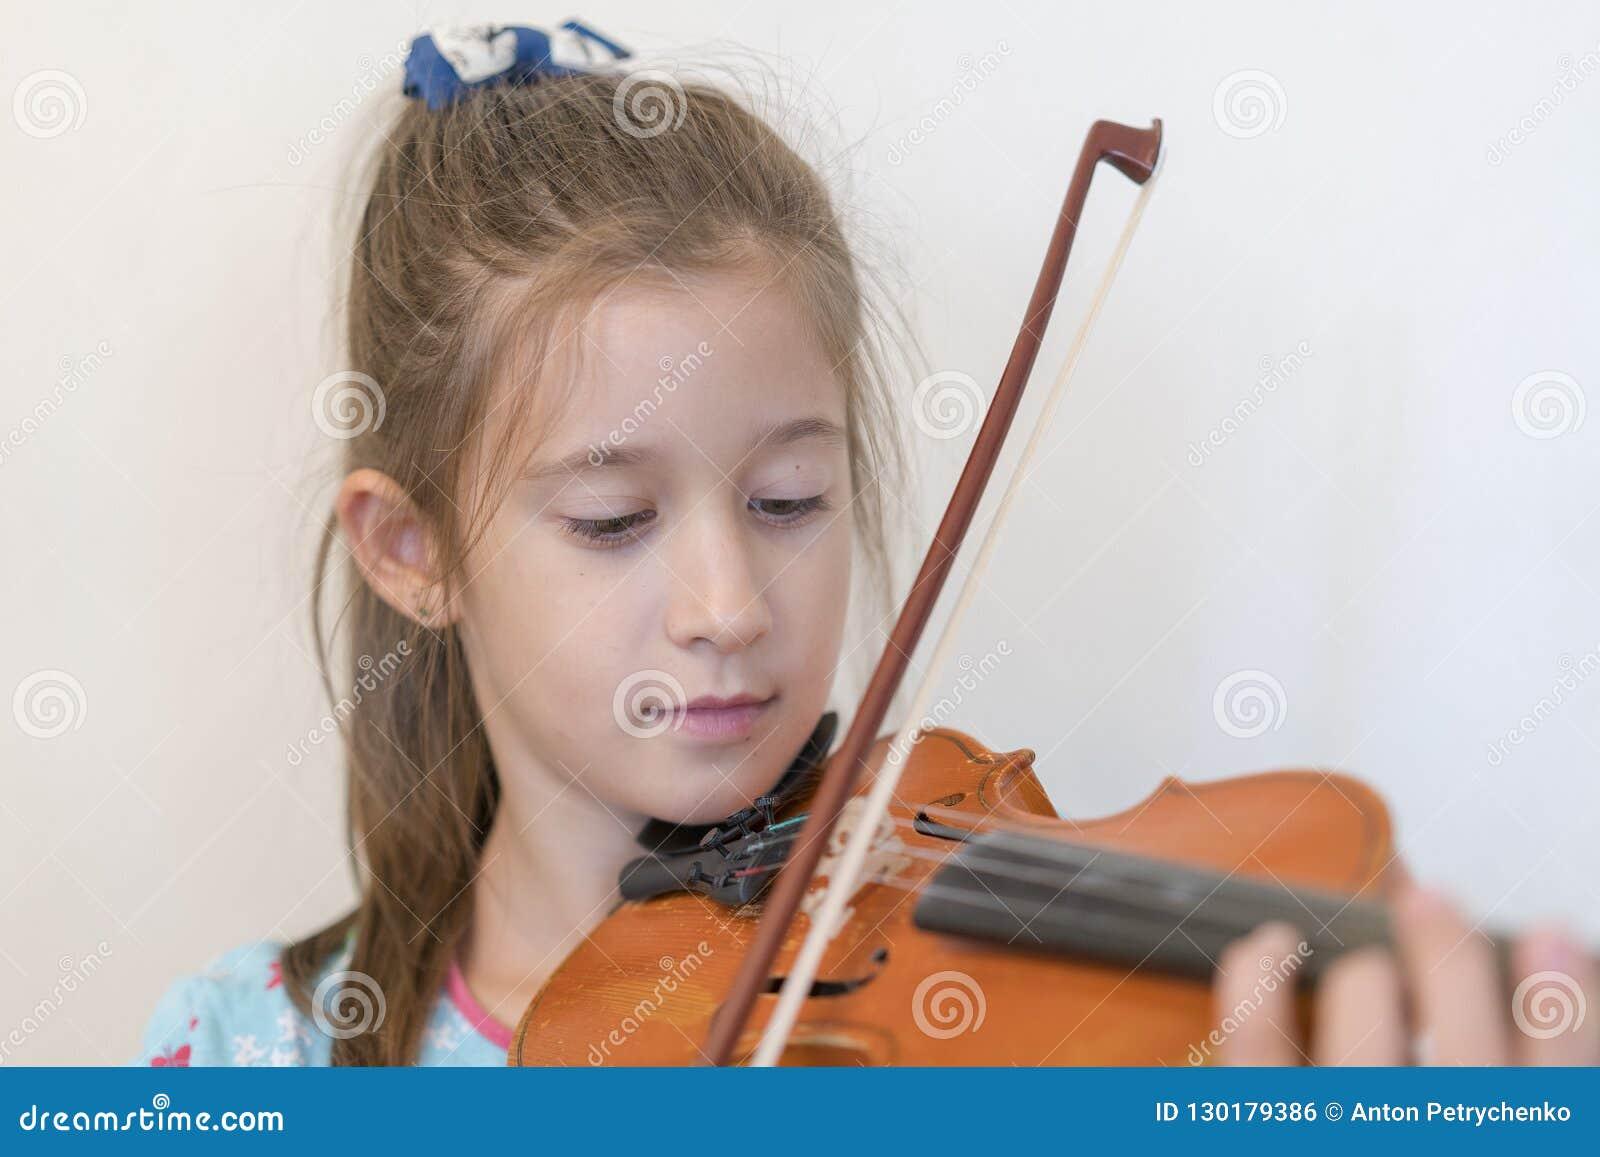 Retrato de un adolescente rubio joven que toca el violín Muchacha que toca el violín en un fondo ligero